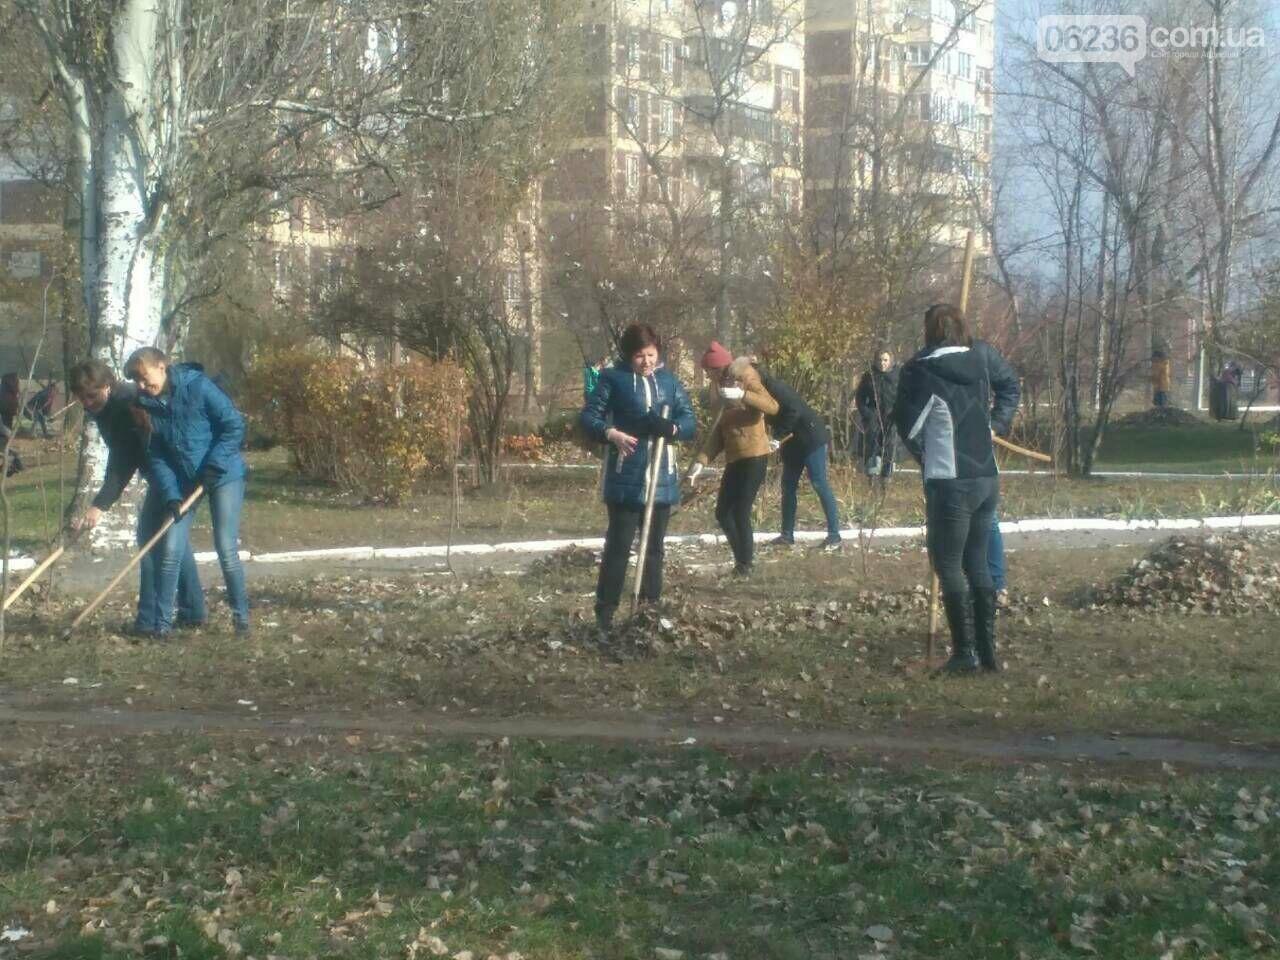 Заводчане АКХЗ присоединились к уборке родного города (ФОТОРЕПОРТАЖ), фото-6